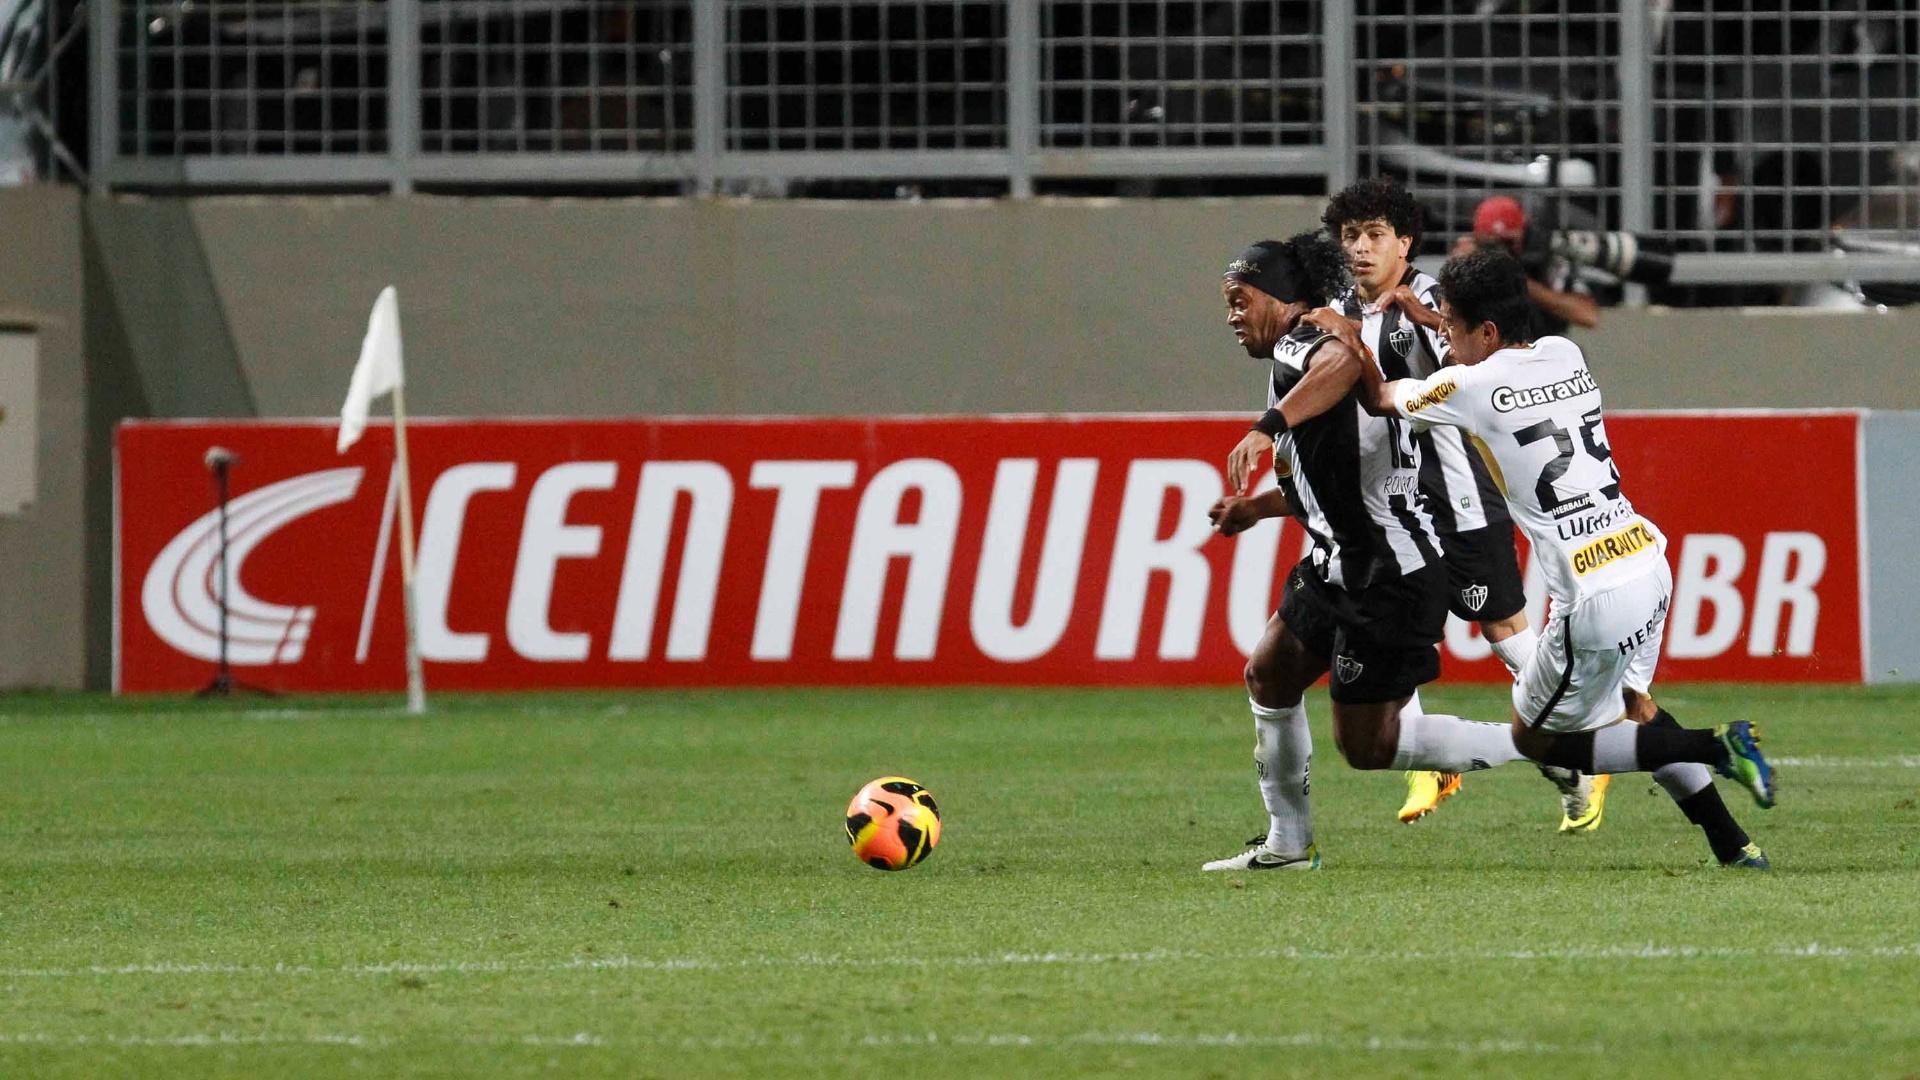 28 ago 2013 - Ronaldinho Gaúcho tenta arrancada no jogo do Atlético-MG contra o Botafogo, no Independência